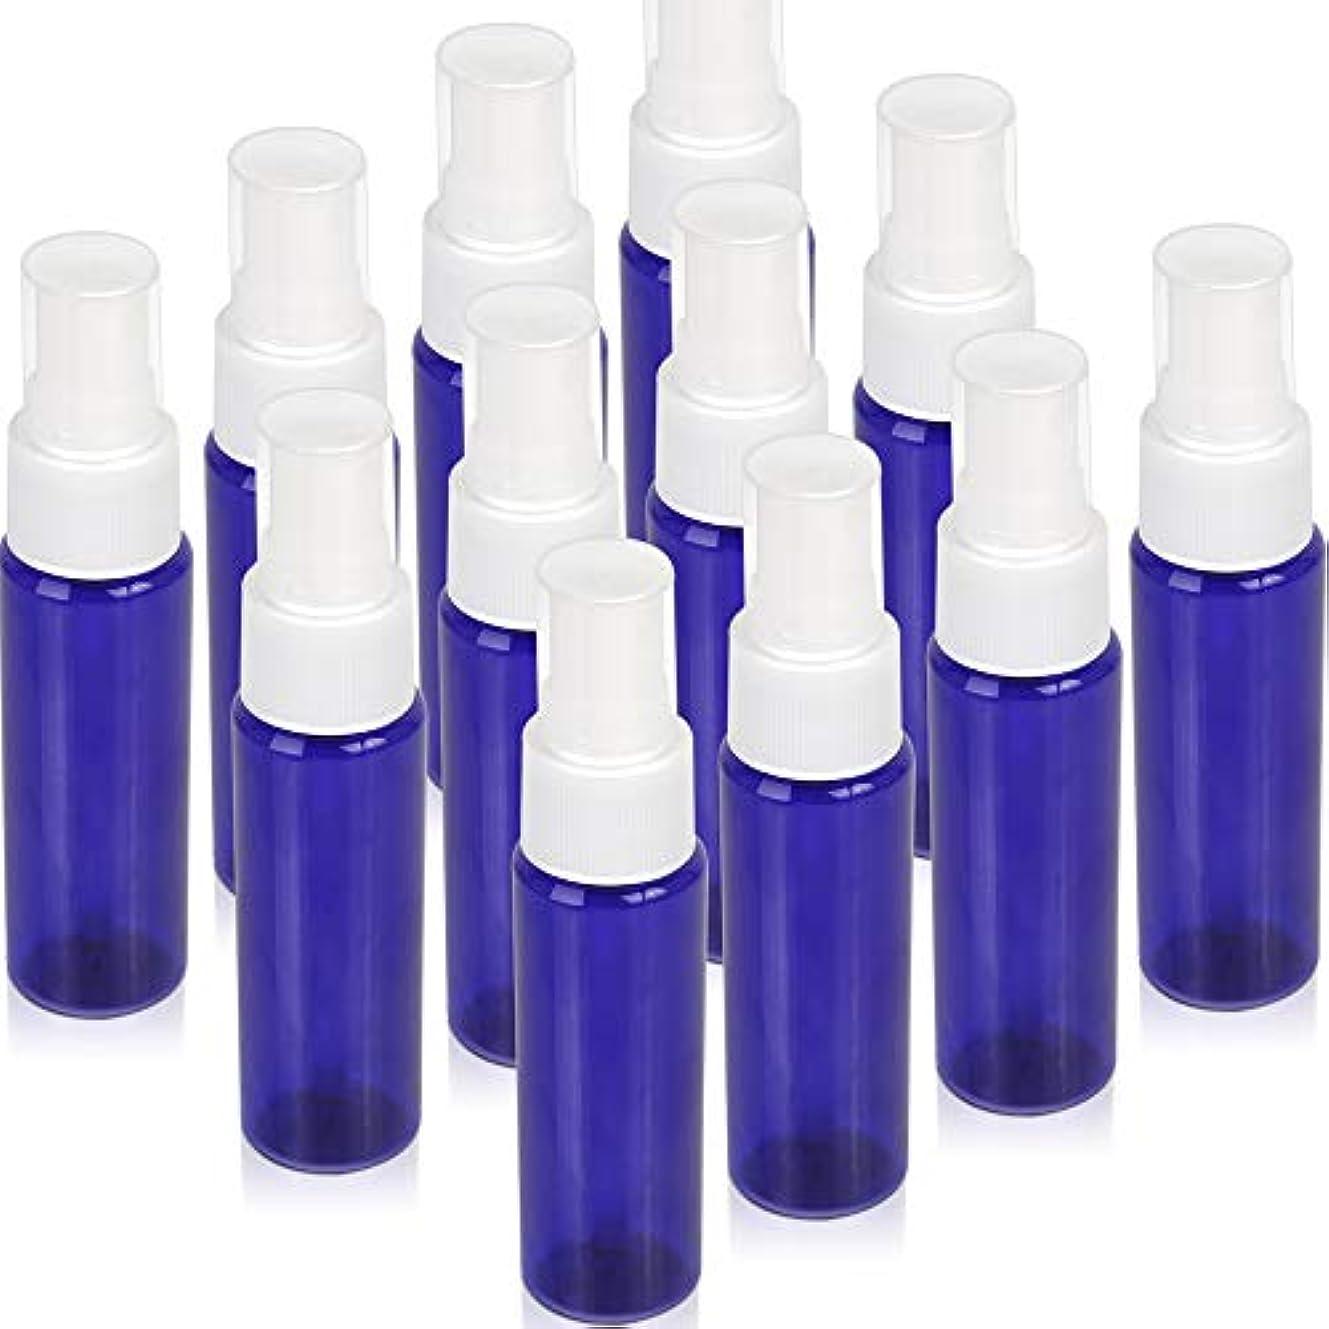 キャップ反逆極めてTeenitor スプレーボトル 30ml 12本 霧吹き アトマイザー スプレー容器 アロマスプレー 香水スプレー 詰め替え容器 キャップ付 青色 PET製